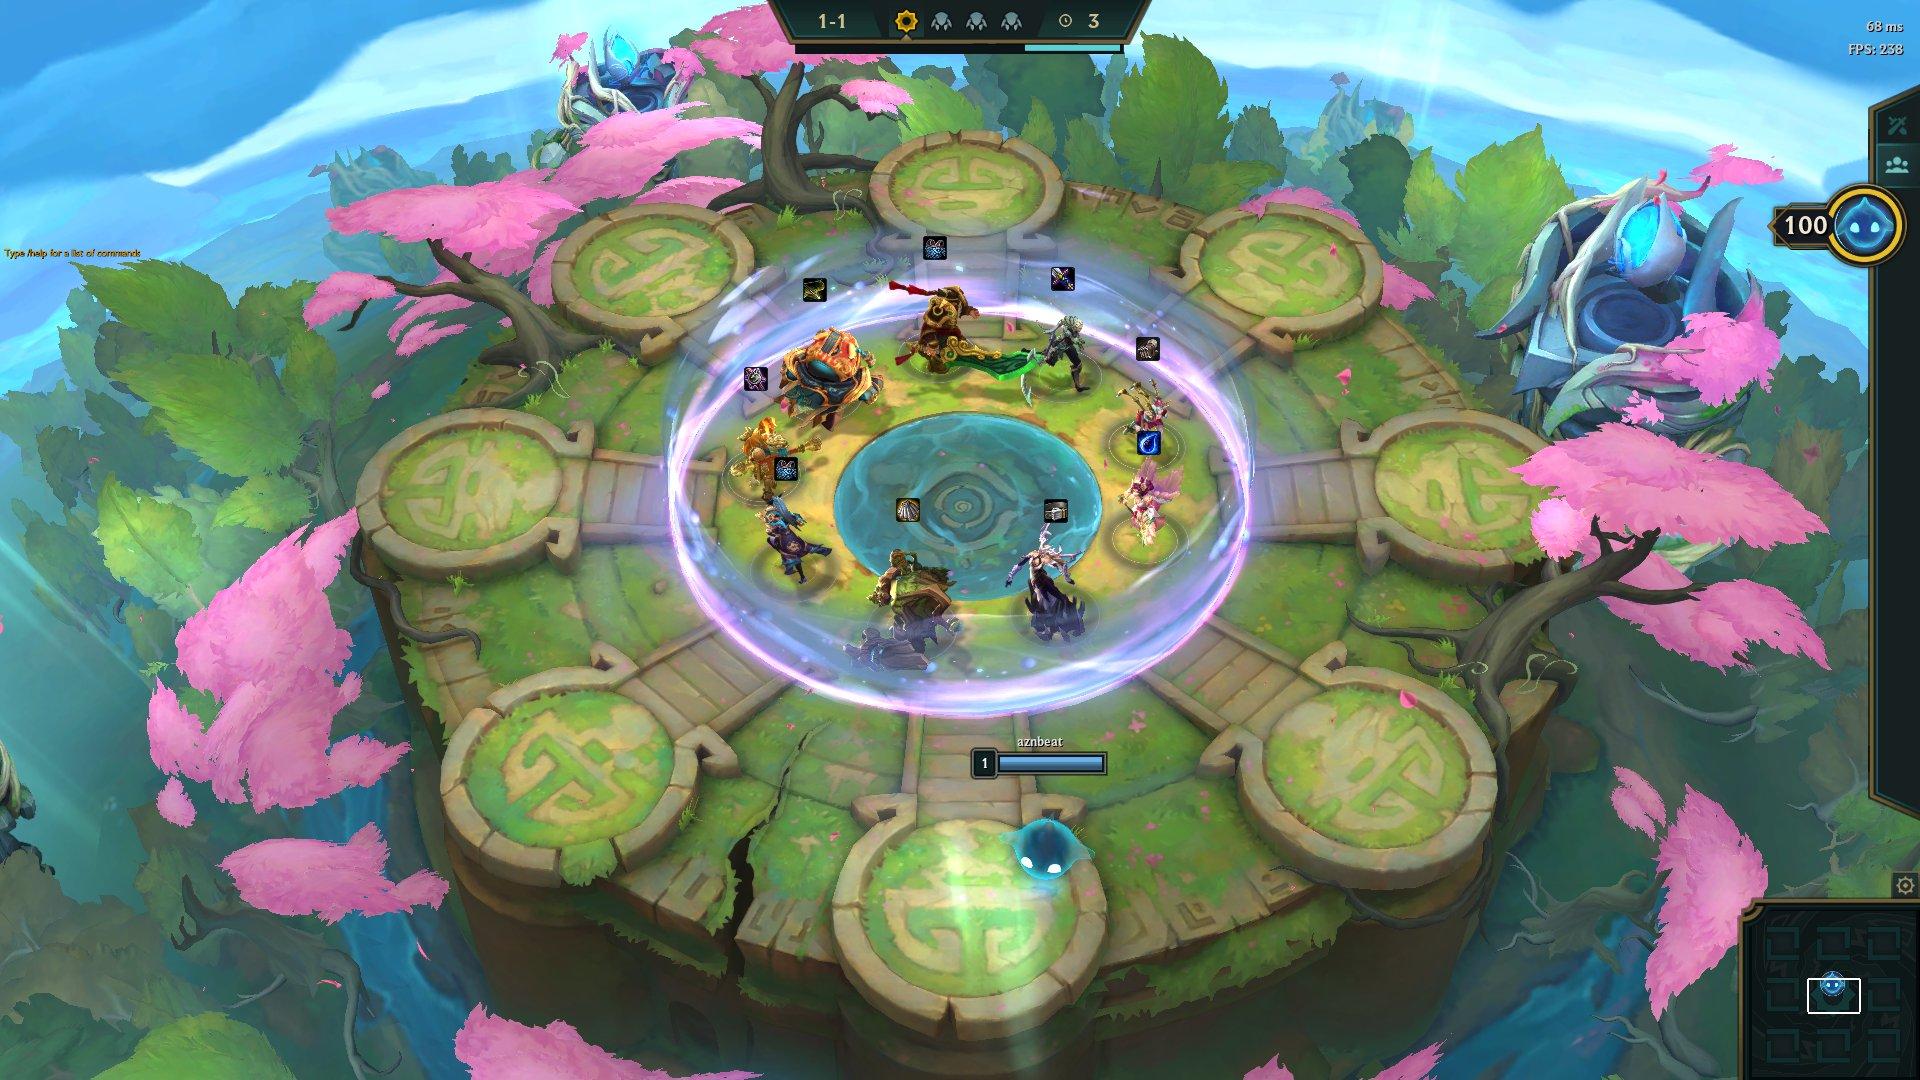 Carousel (Teamfight Tactics)